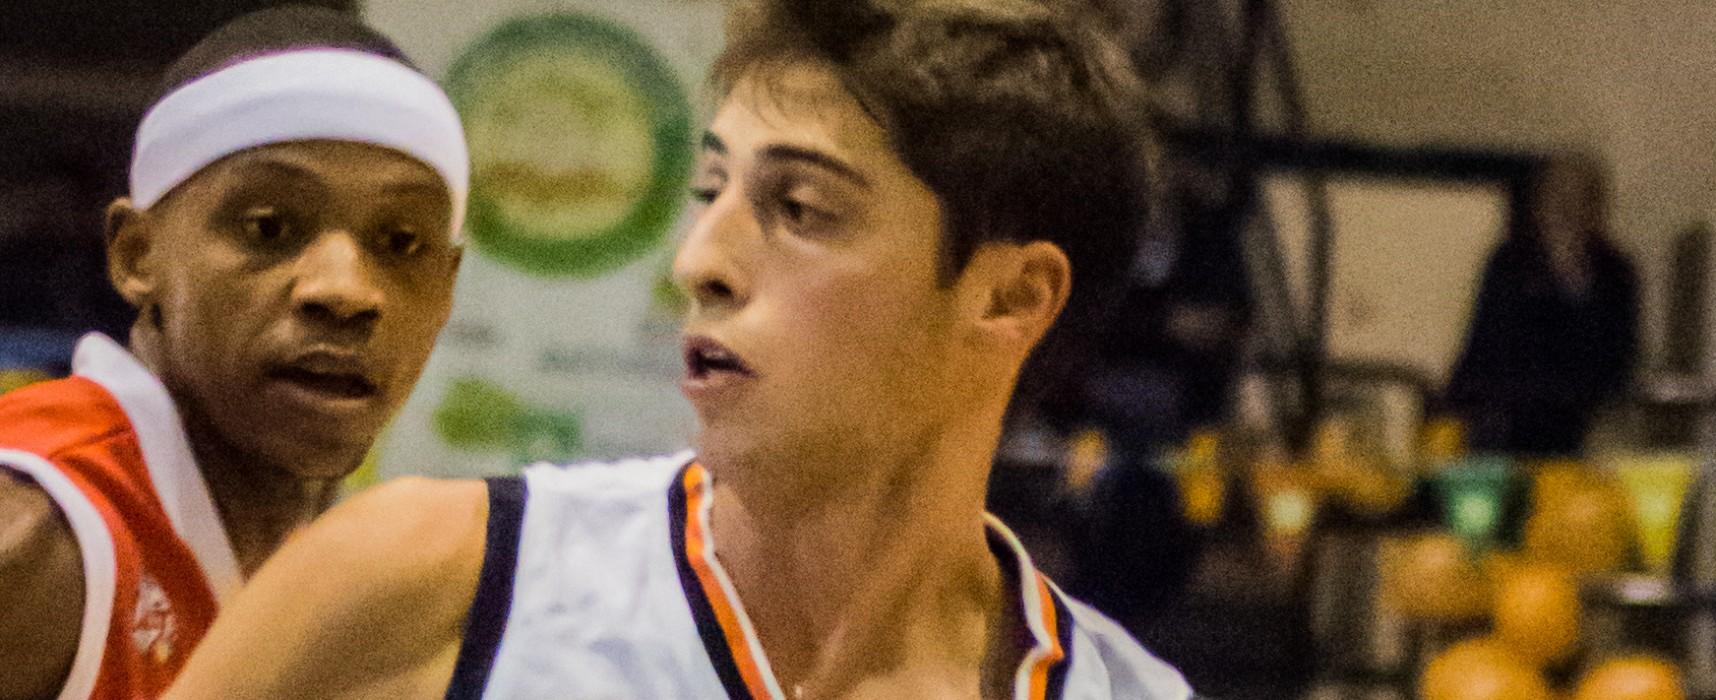 Ambrosia, Merletto rinforzo play-off